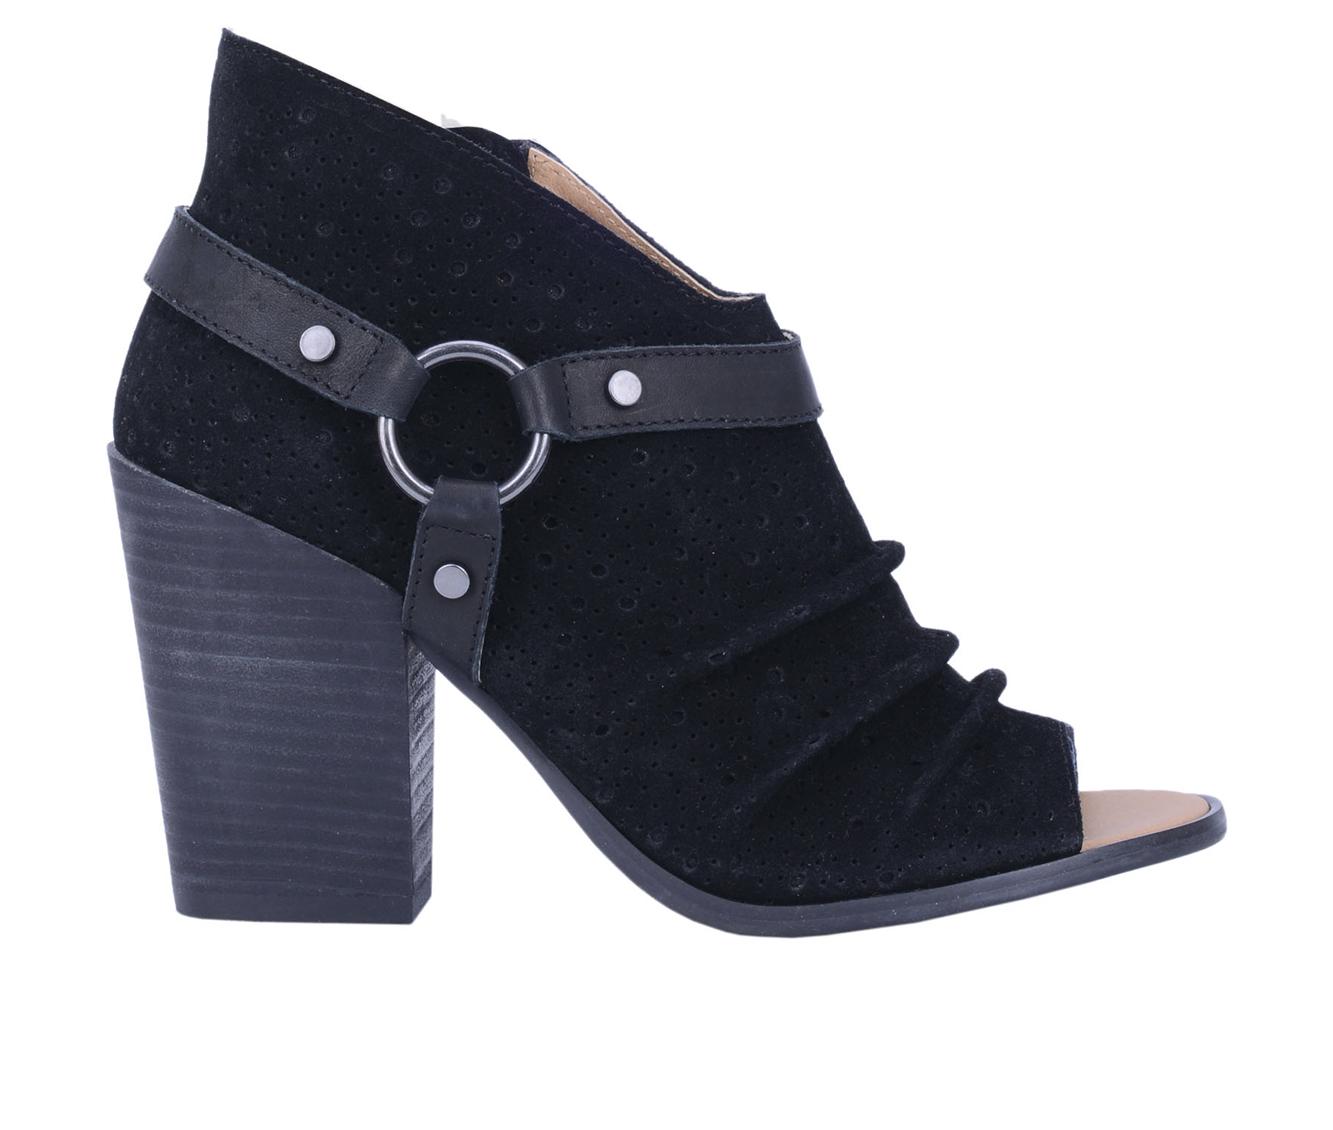 Dingo Boots Spurs Women's Dress Shoe (Black - Leather)